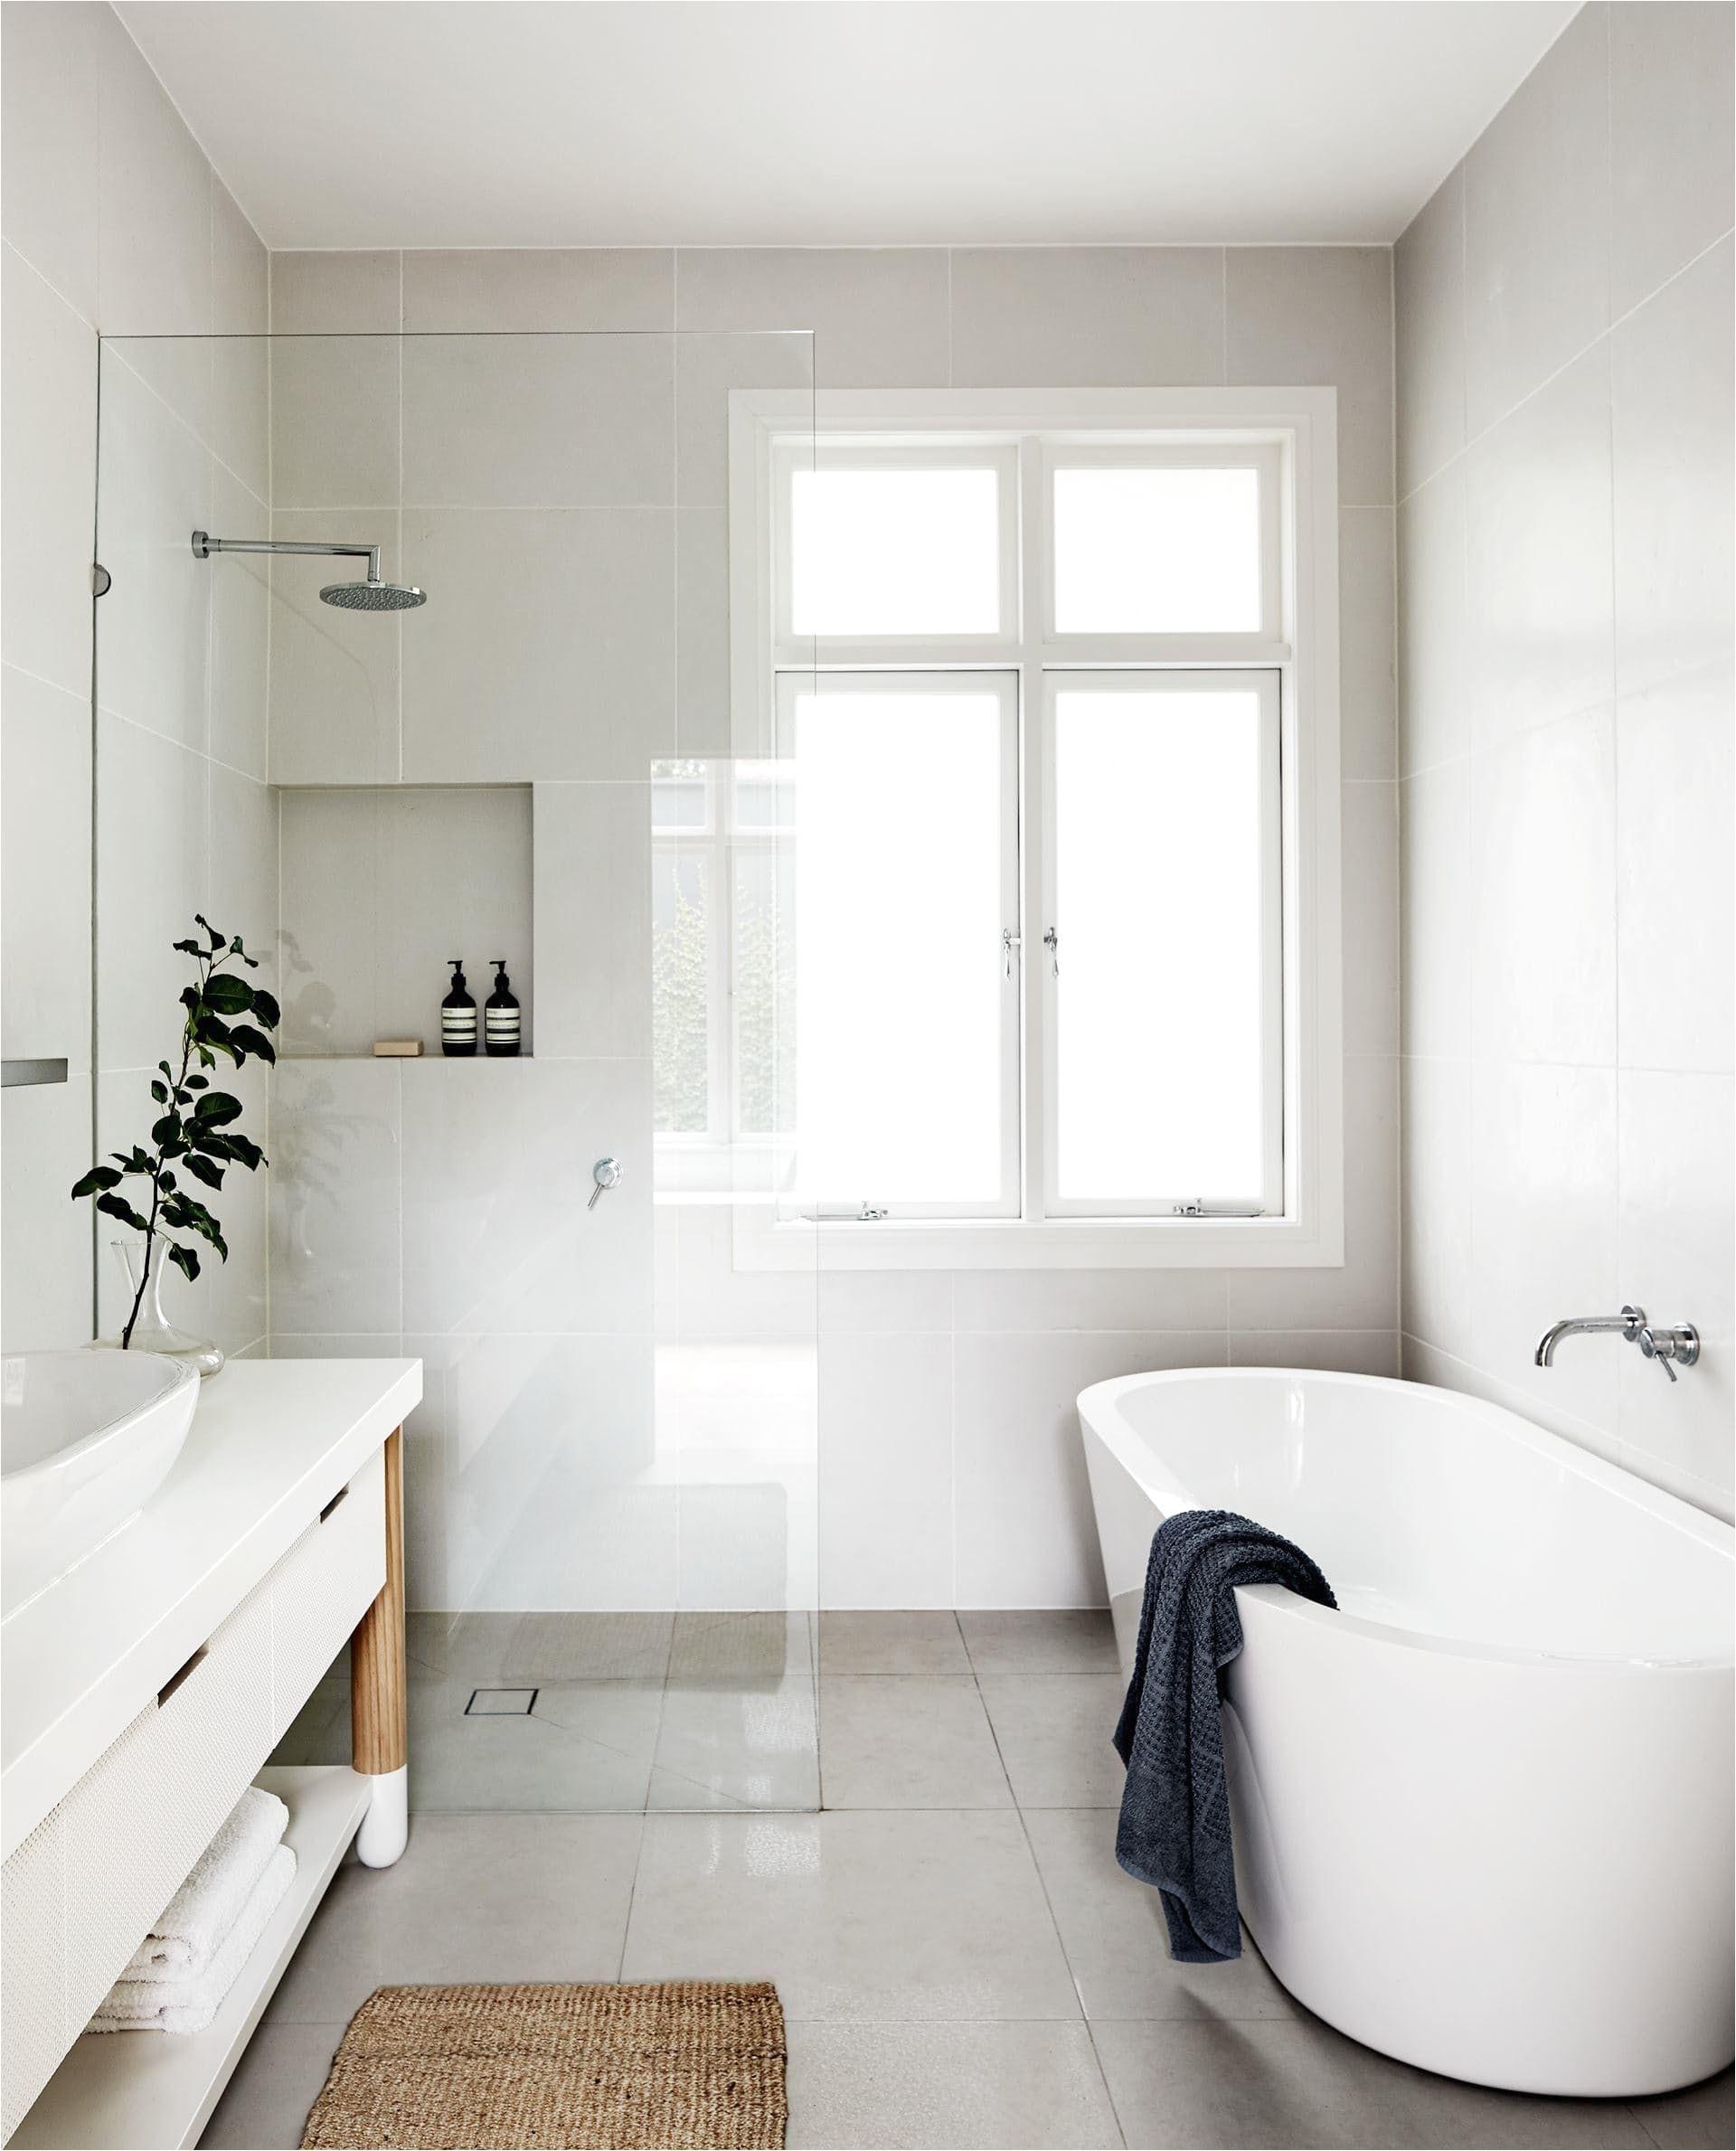 Gallery of Sightly Bathroom Design Ideas